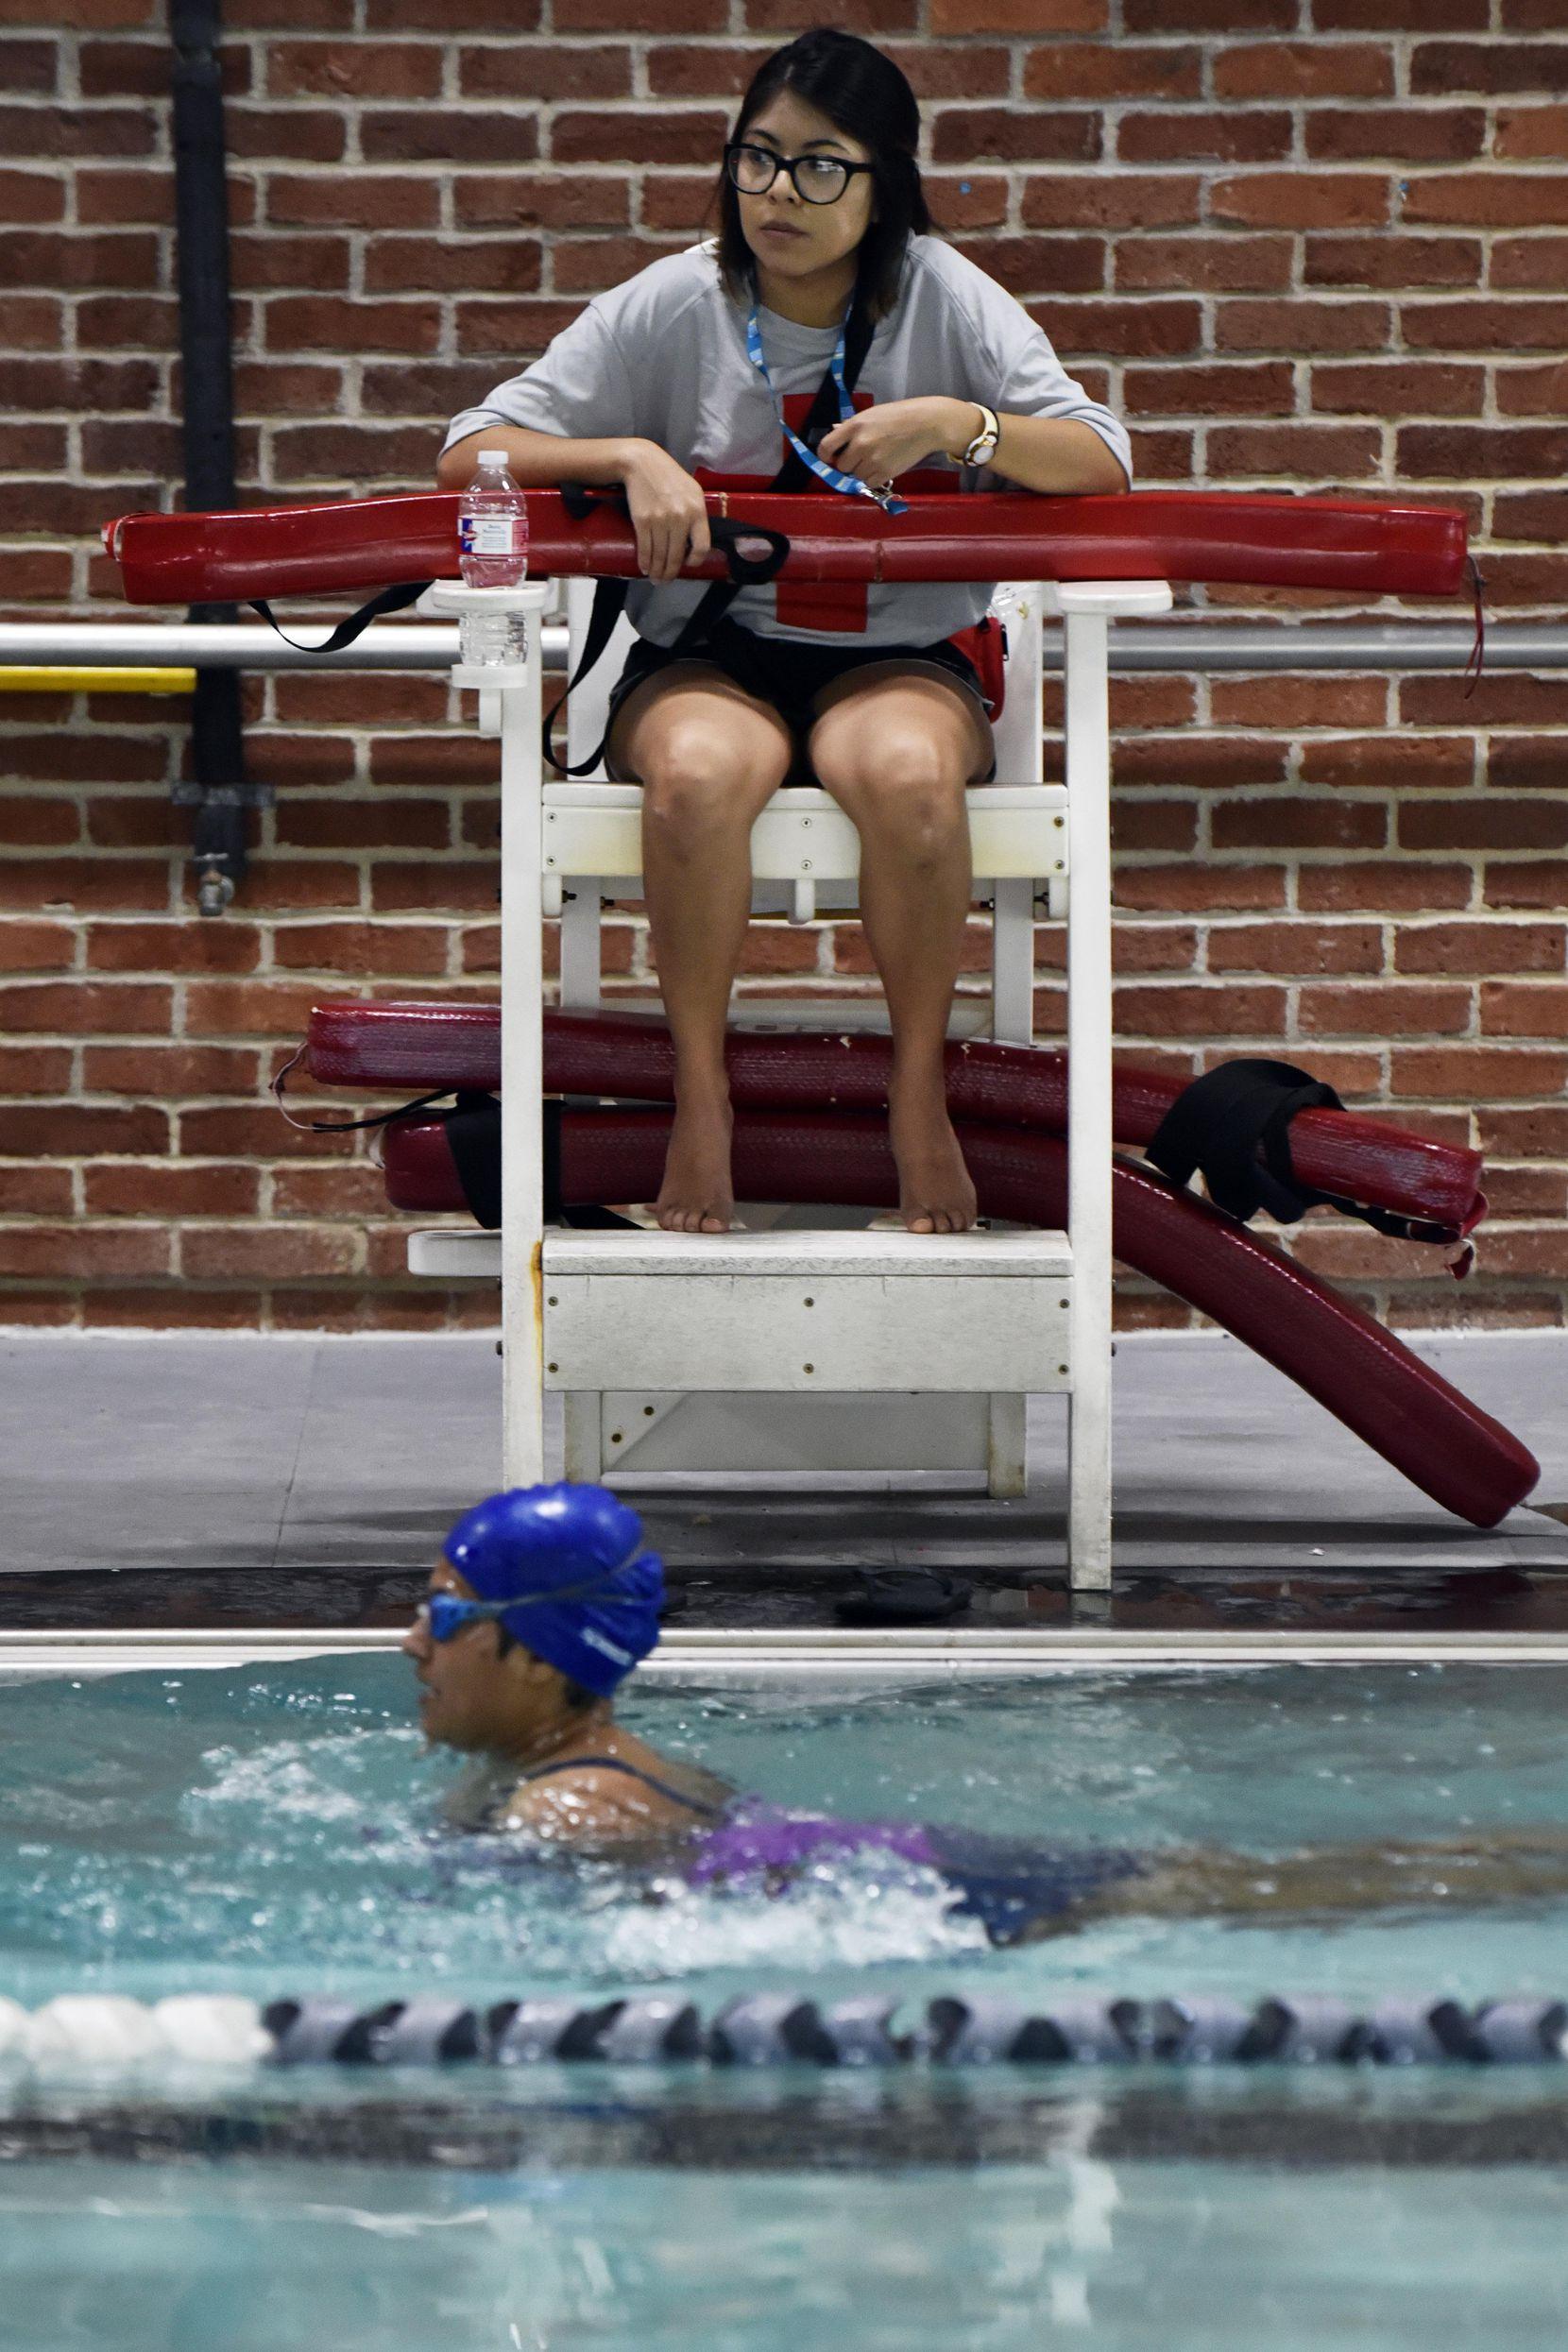 Betty Barrera, de 22 años, es una de las salvavidas en Bachman Indoor Pool, en Dallas. BEN TORRES/AL DÍA